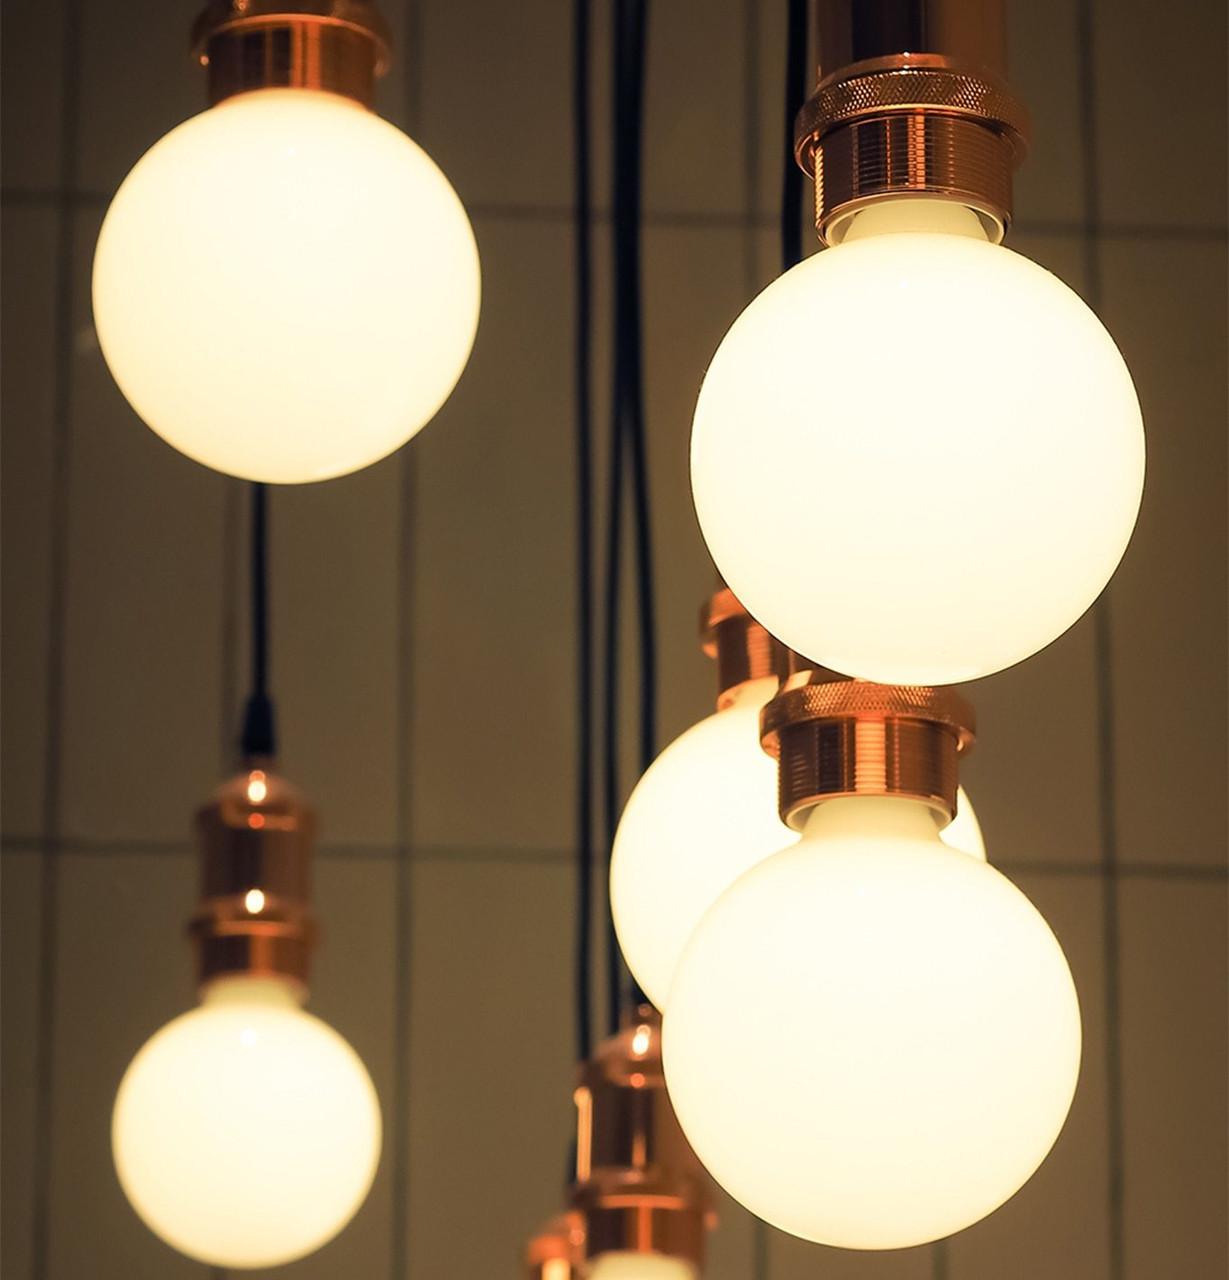 LED Globe 2700K Light Bulbs